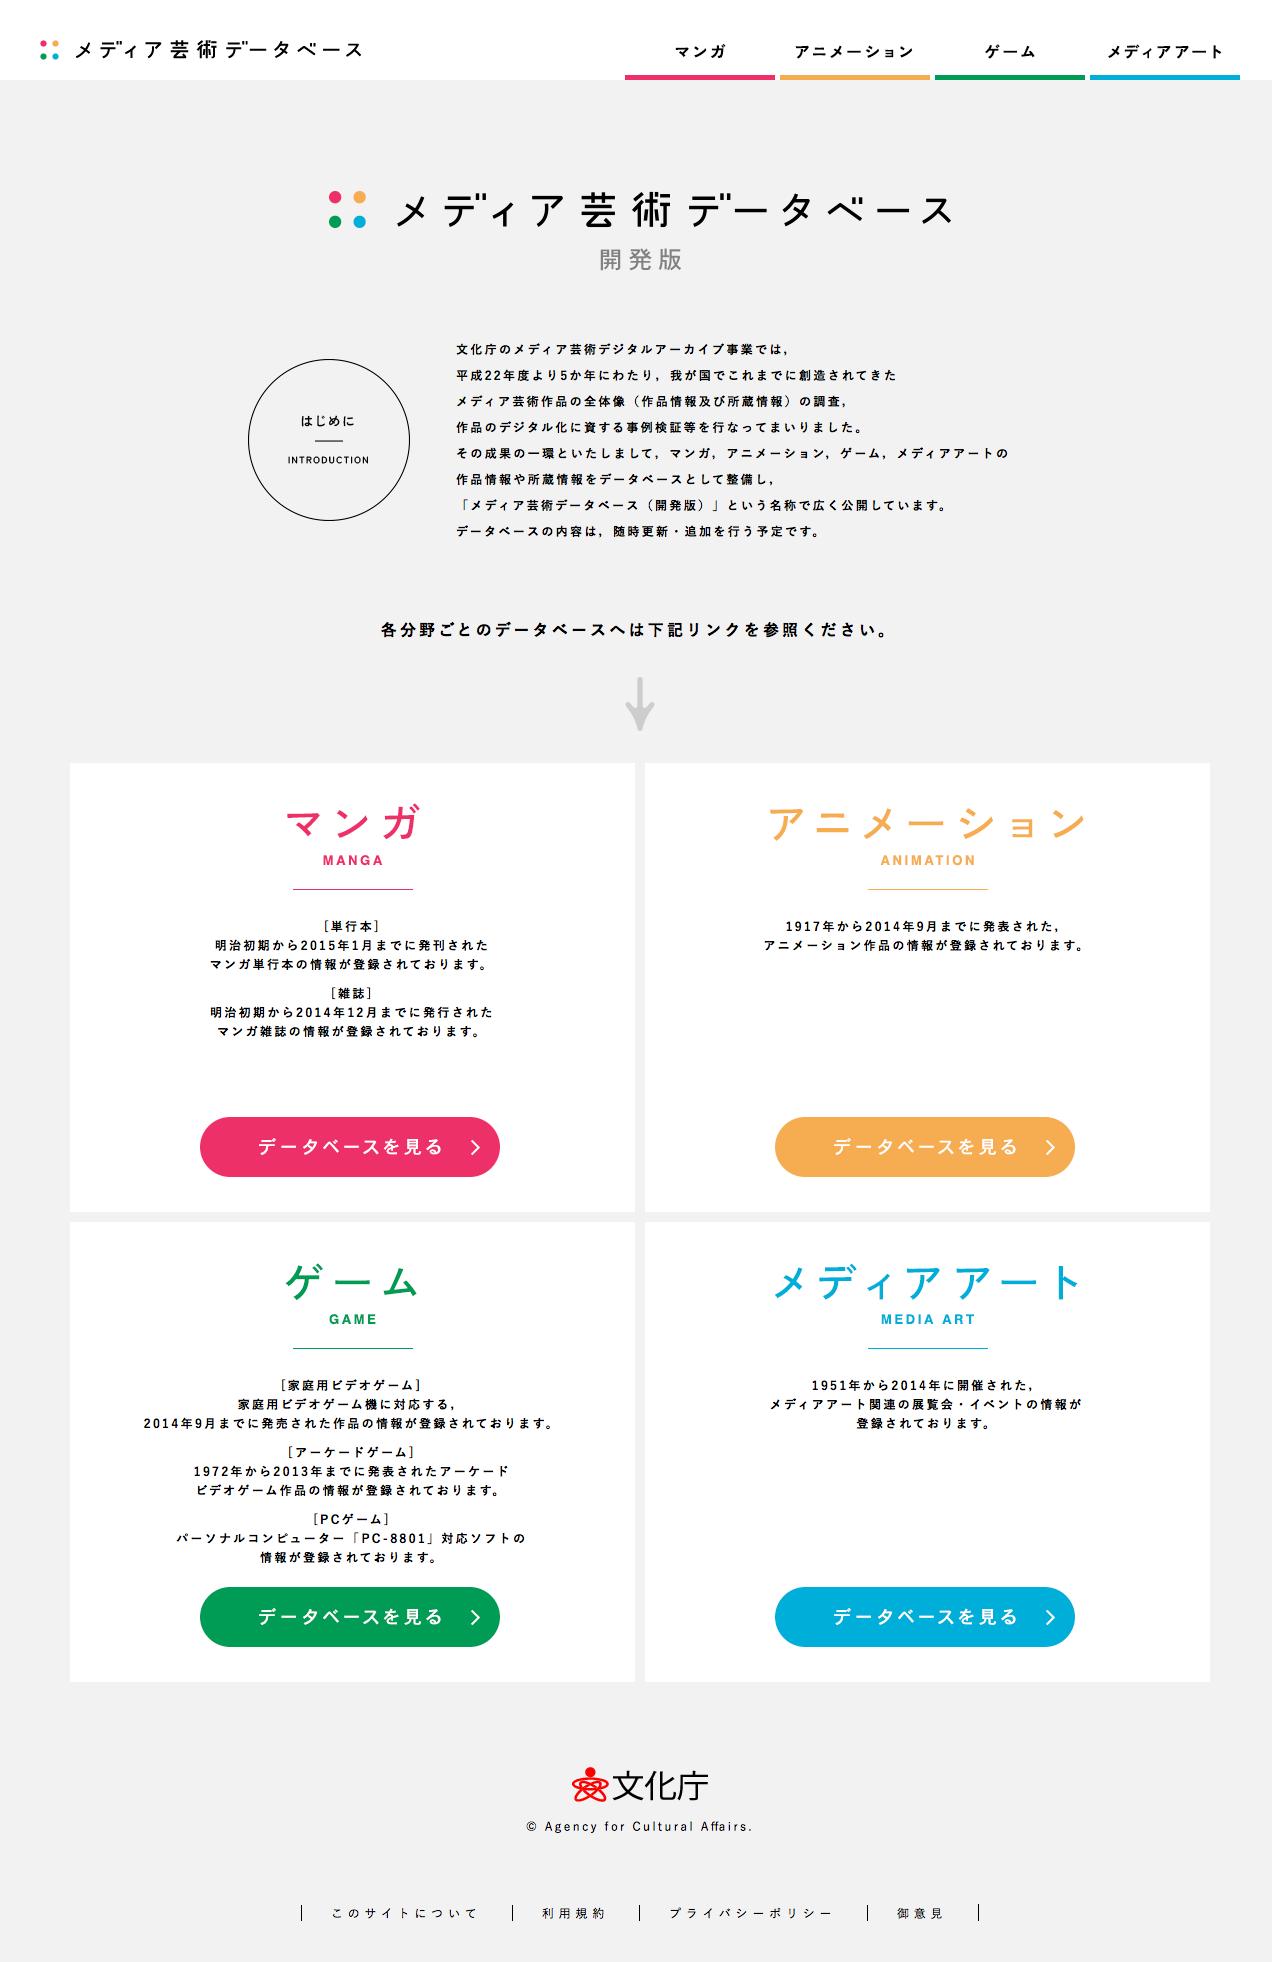 文化庁 メディア芸術データベース(開発版)ウェブサイト